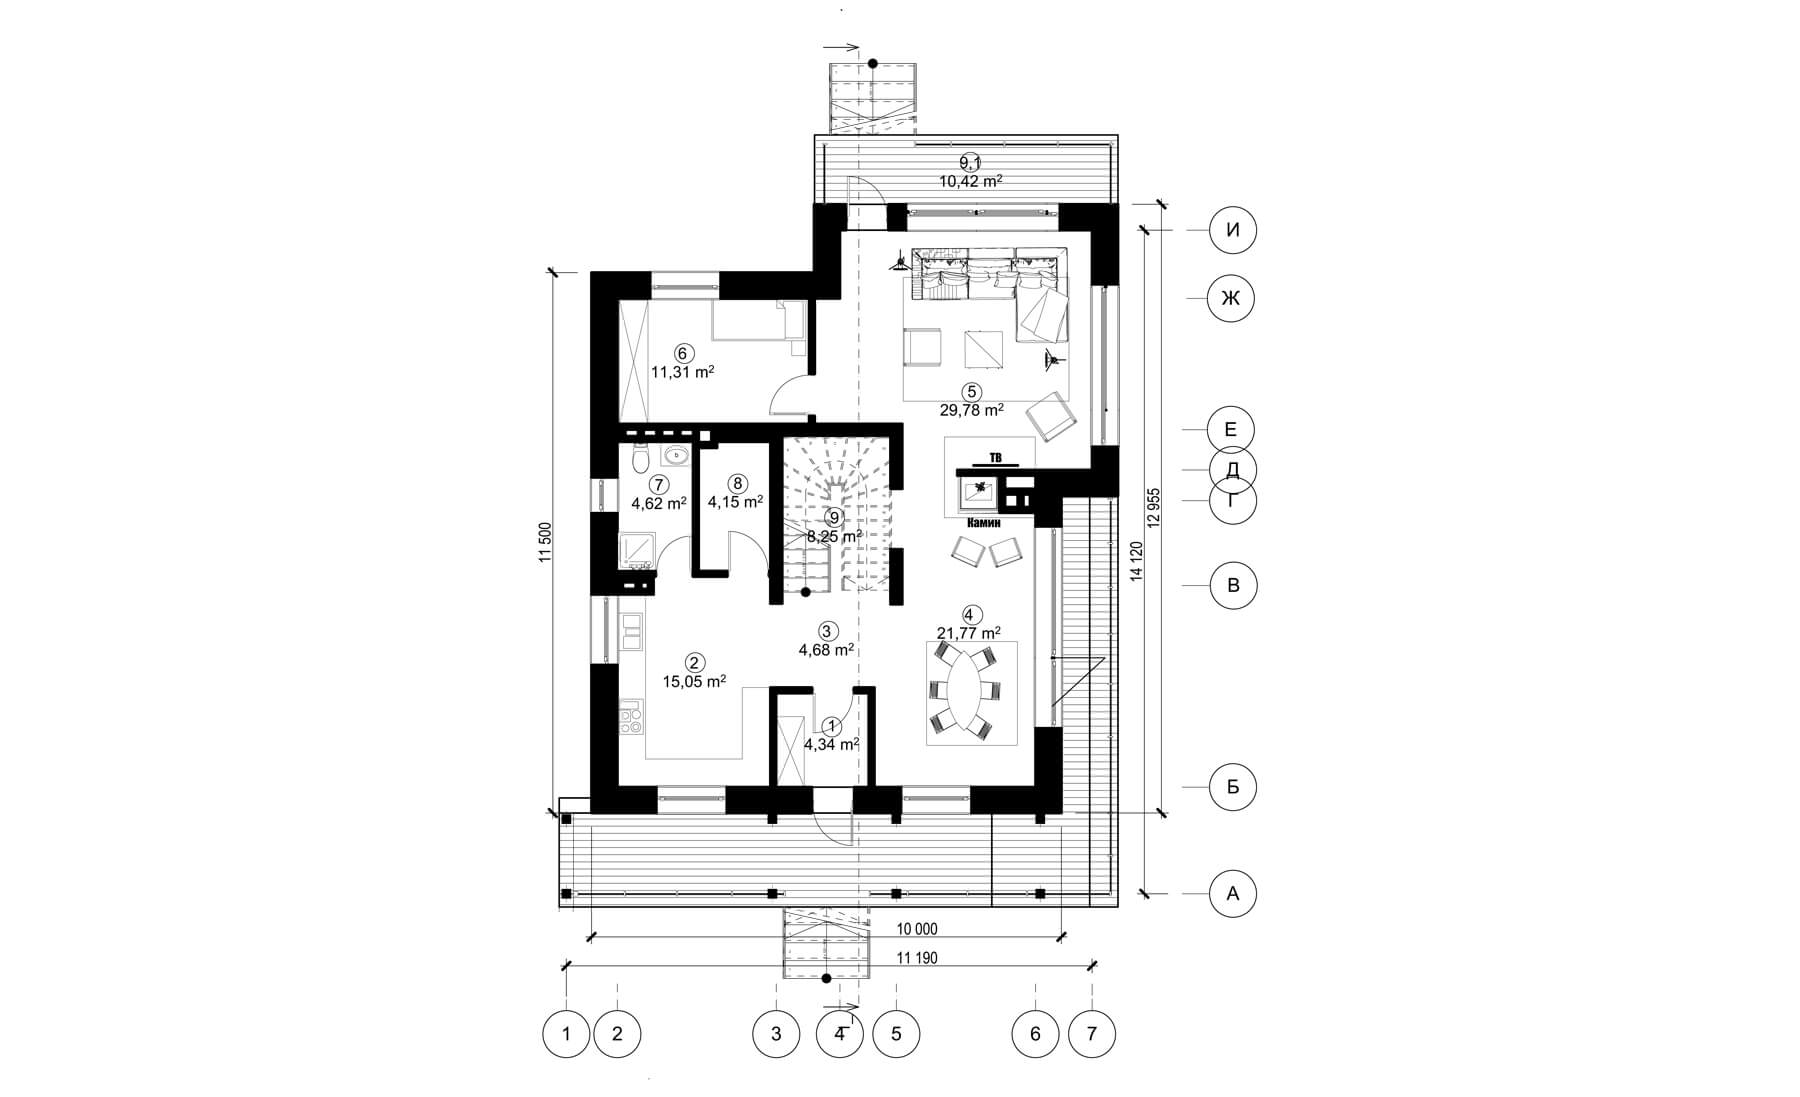 Проект 2 этажного дома с плоской кровлей, террасой -LS